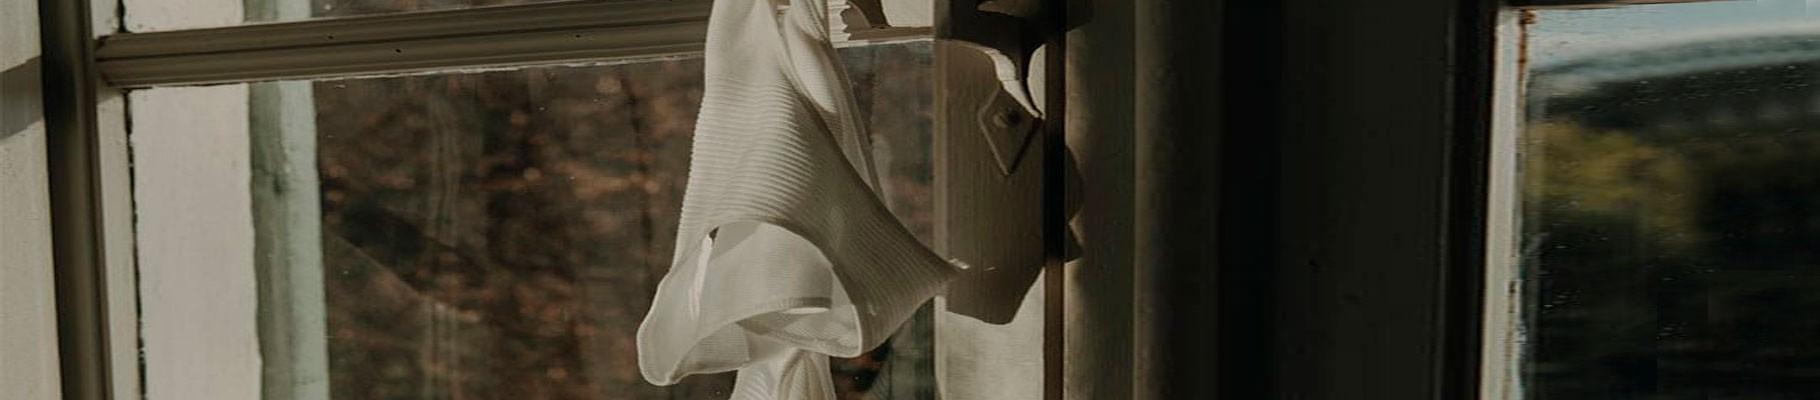 Sous-vêtements pour femme chez Suneonline